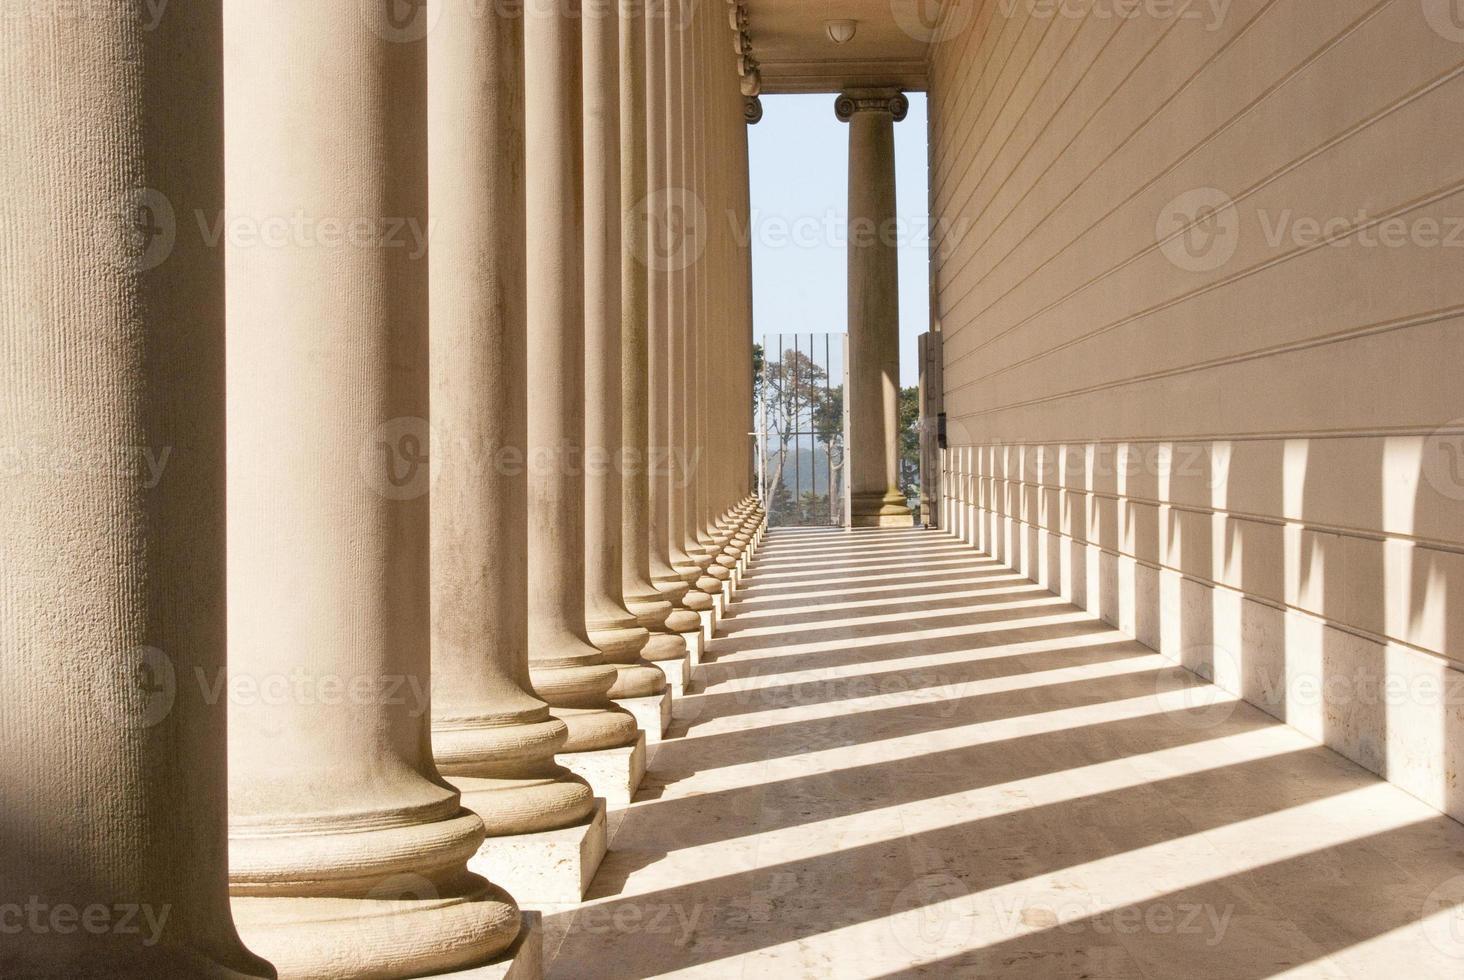 rangée de colonnes avec des ombres photo